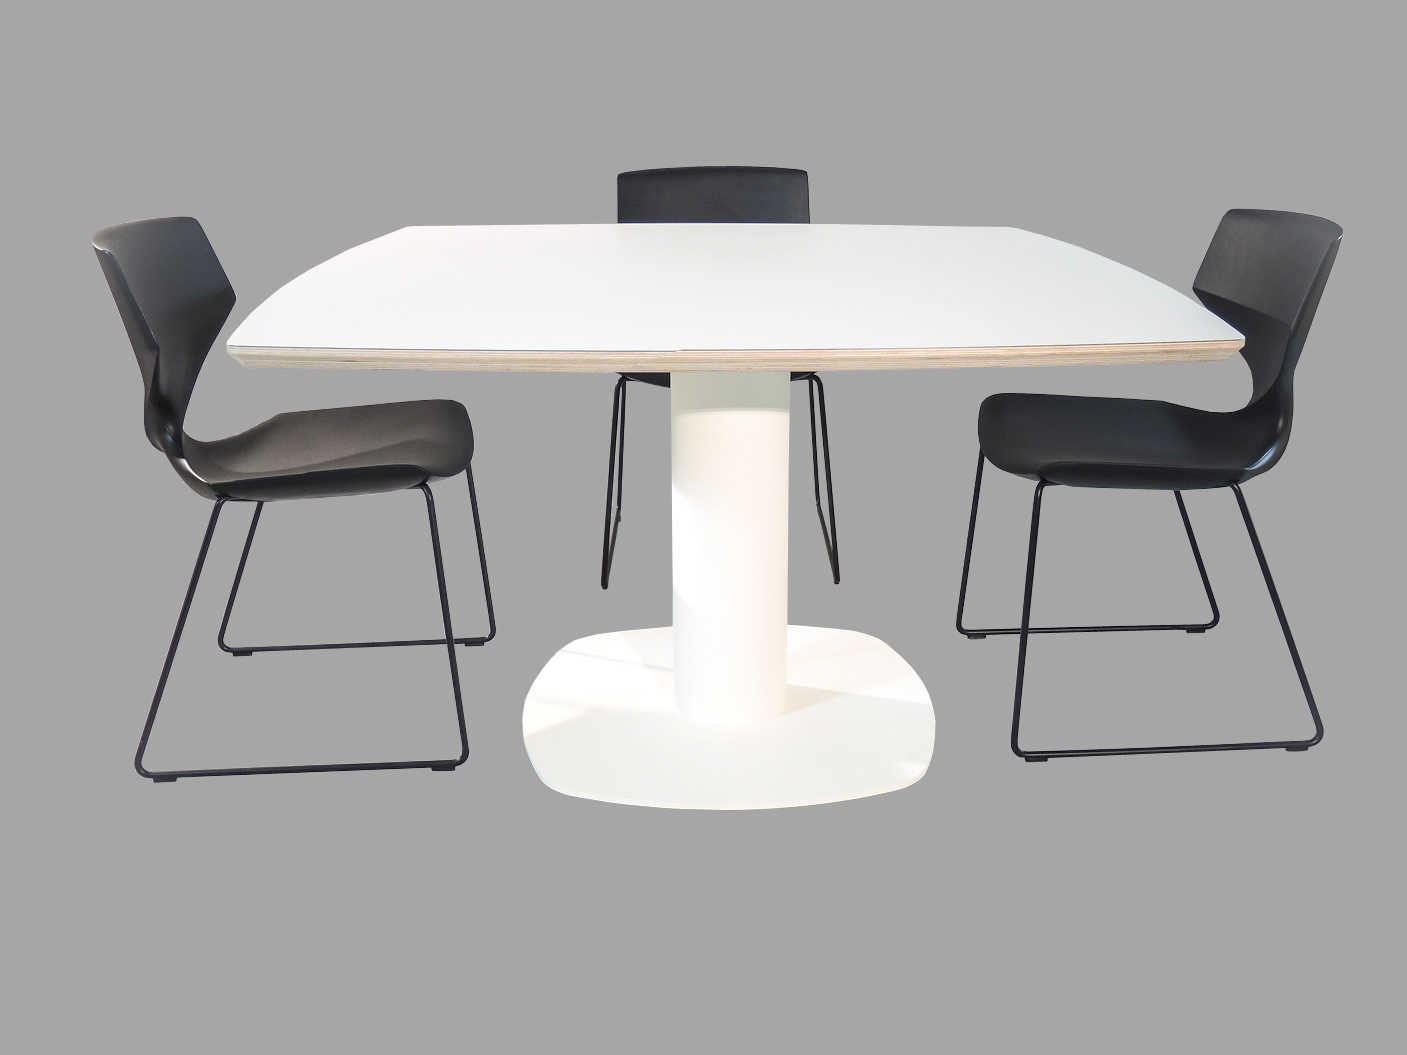 Witte Eettafel Design.Empoli Fenix Design Eettafel